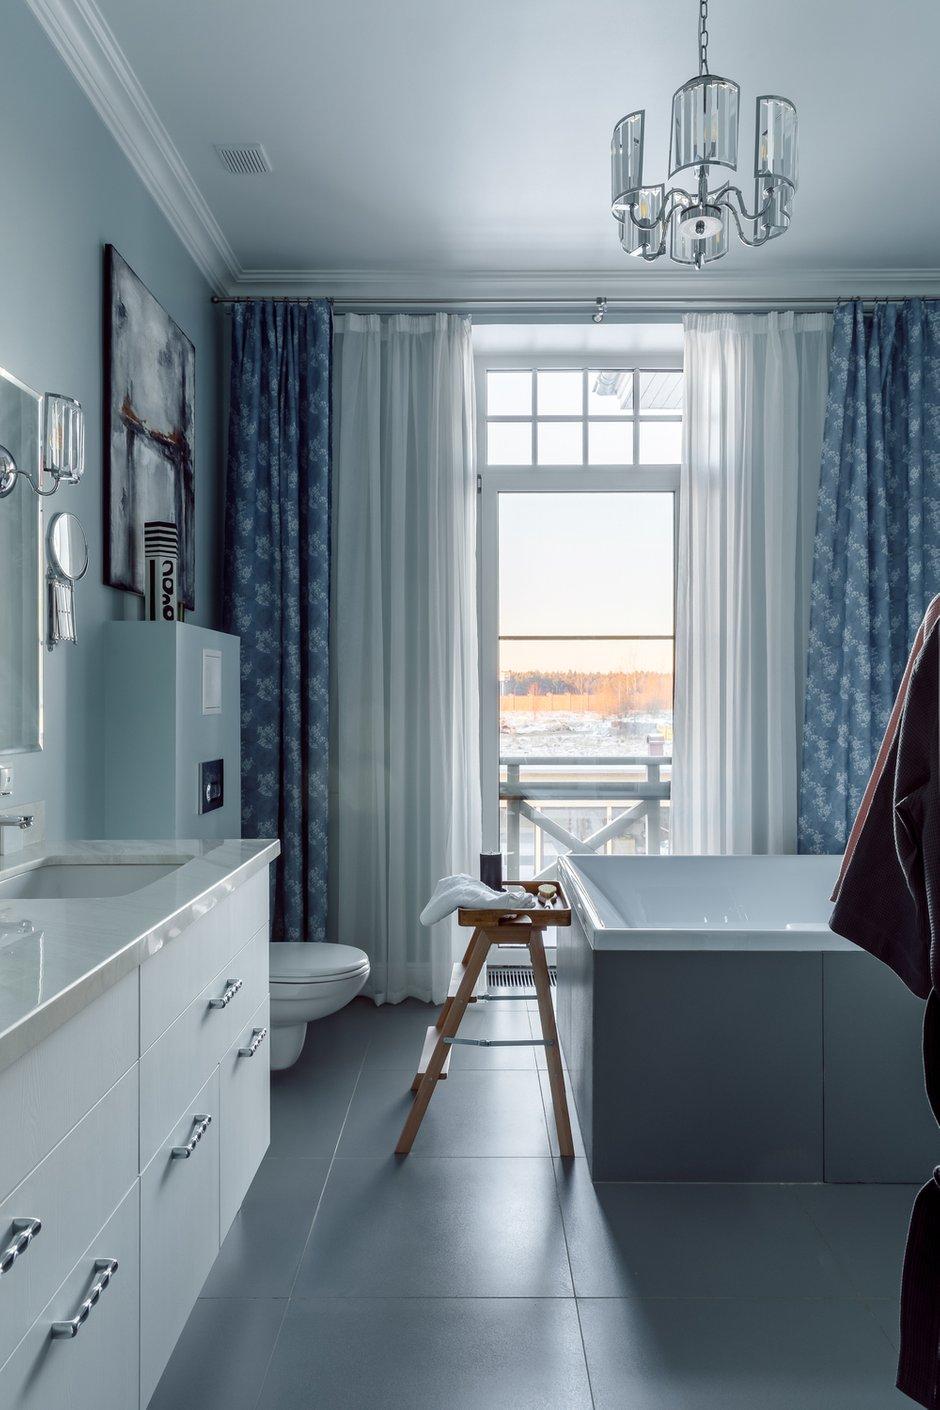 Фотография: Ванная в стиле Современный, Проект недели, Дом и дача, Красногорск, Таунхаус, 4 и больше, Более 90 метров, Евгения Филатова – фото на INMYROOM